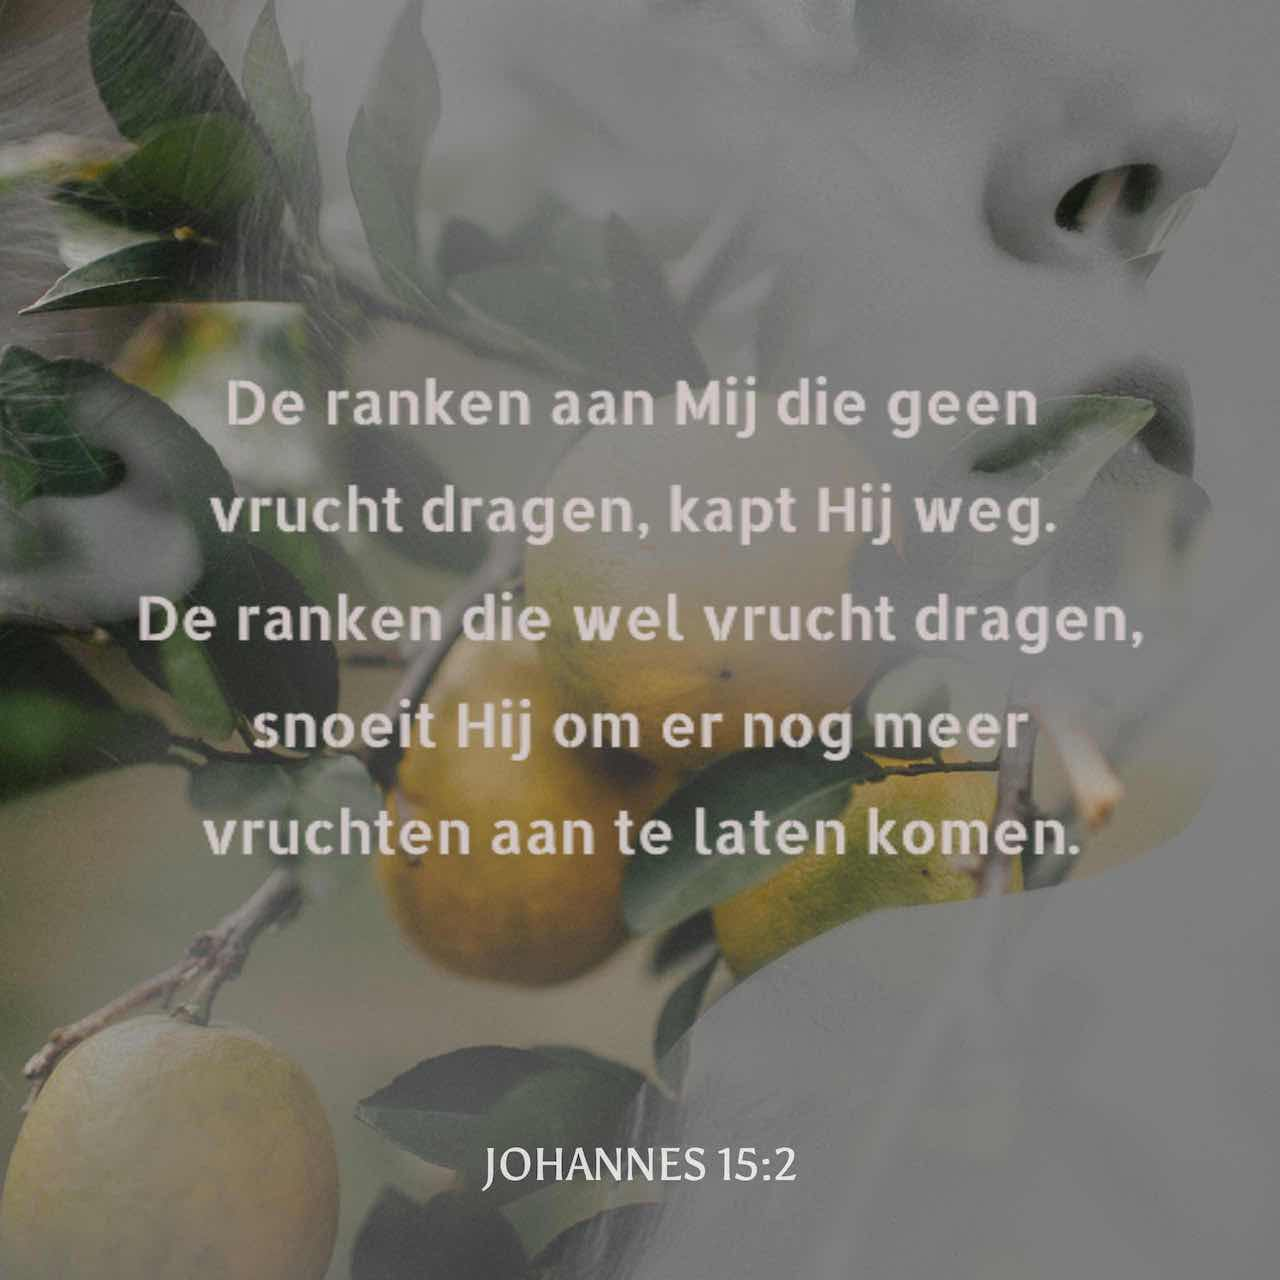 De ranken aan Mij die geen vrucht dragen, kapt Hij weg. De ranken die wel vrucht dragen, snoeit Hij om er nog meer vruchten aan te laten komen. - Johannes 15:2 - Versafbeelding